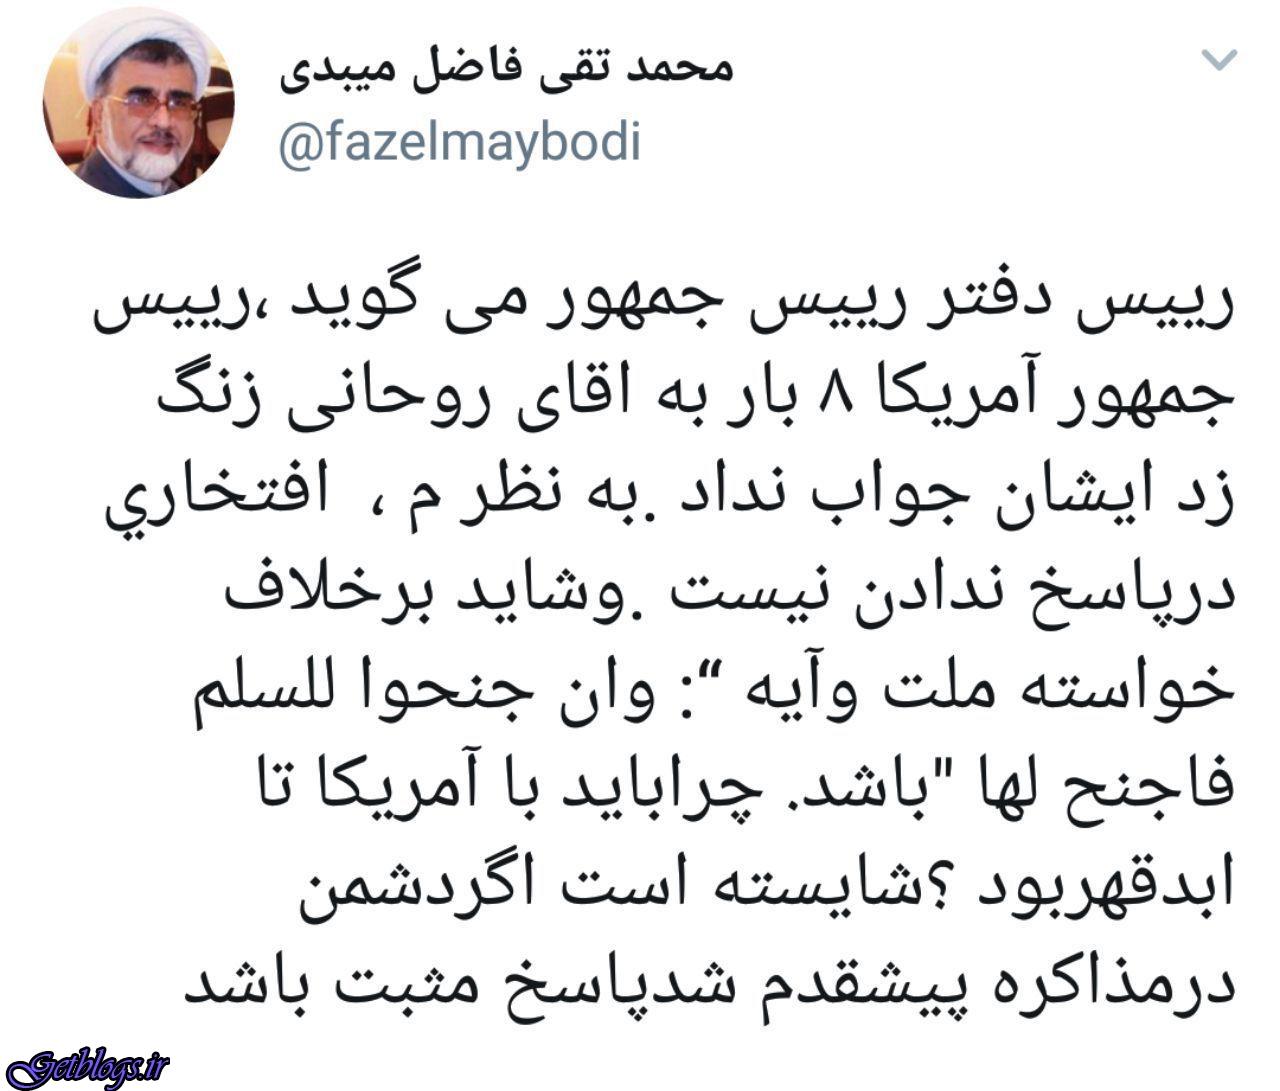 آیا باید با آمریکا تا ابد قهر بود؟ / عضو مجمع روحانیون مبارز